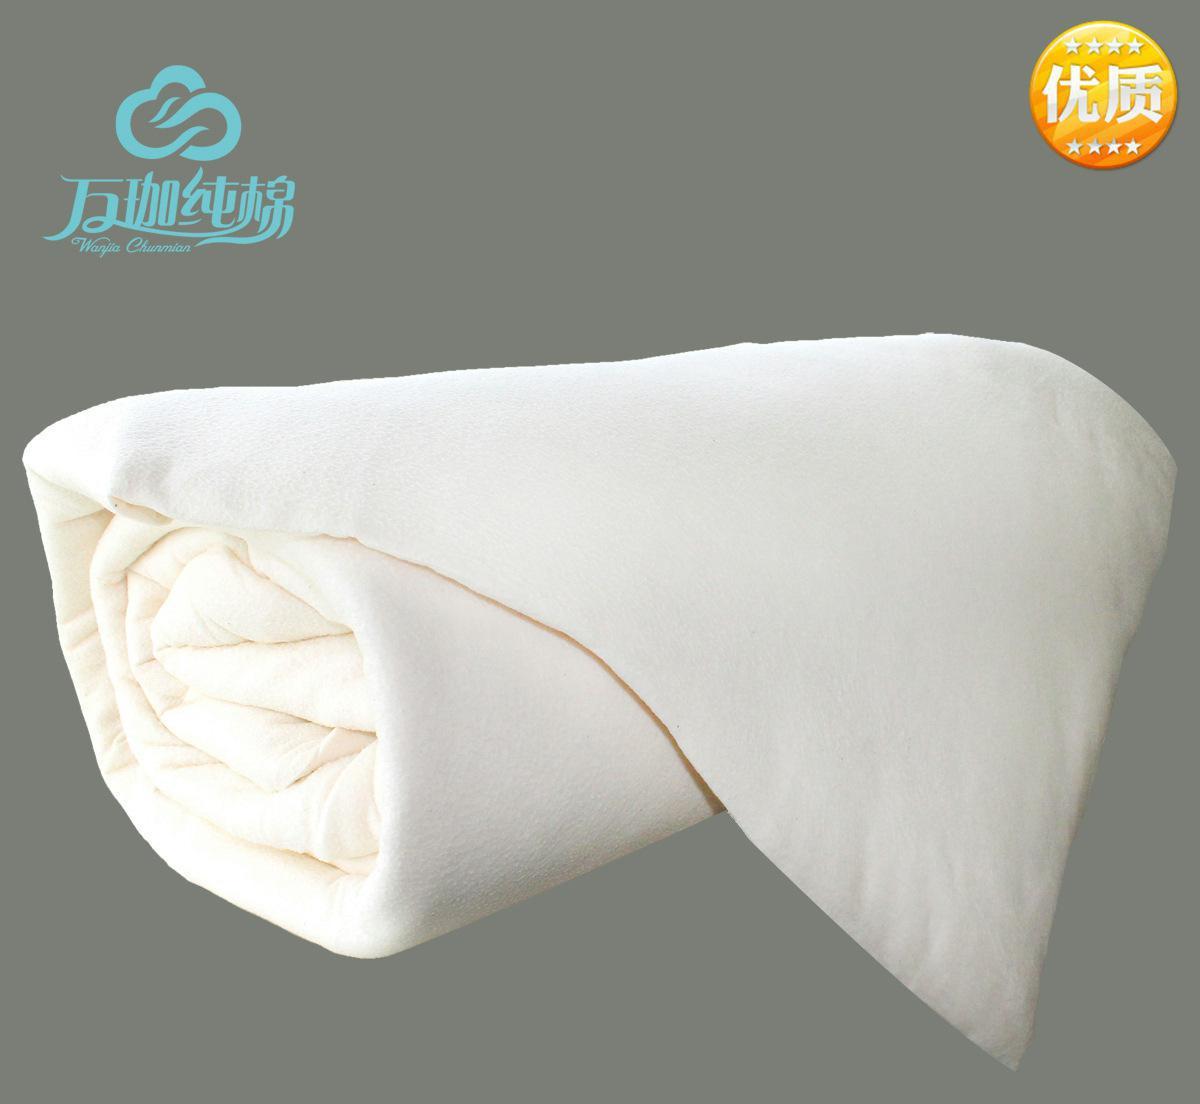 棉絮棉被棉胎新疆棉花被子床上用品厂家直销可定做有